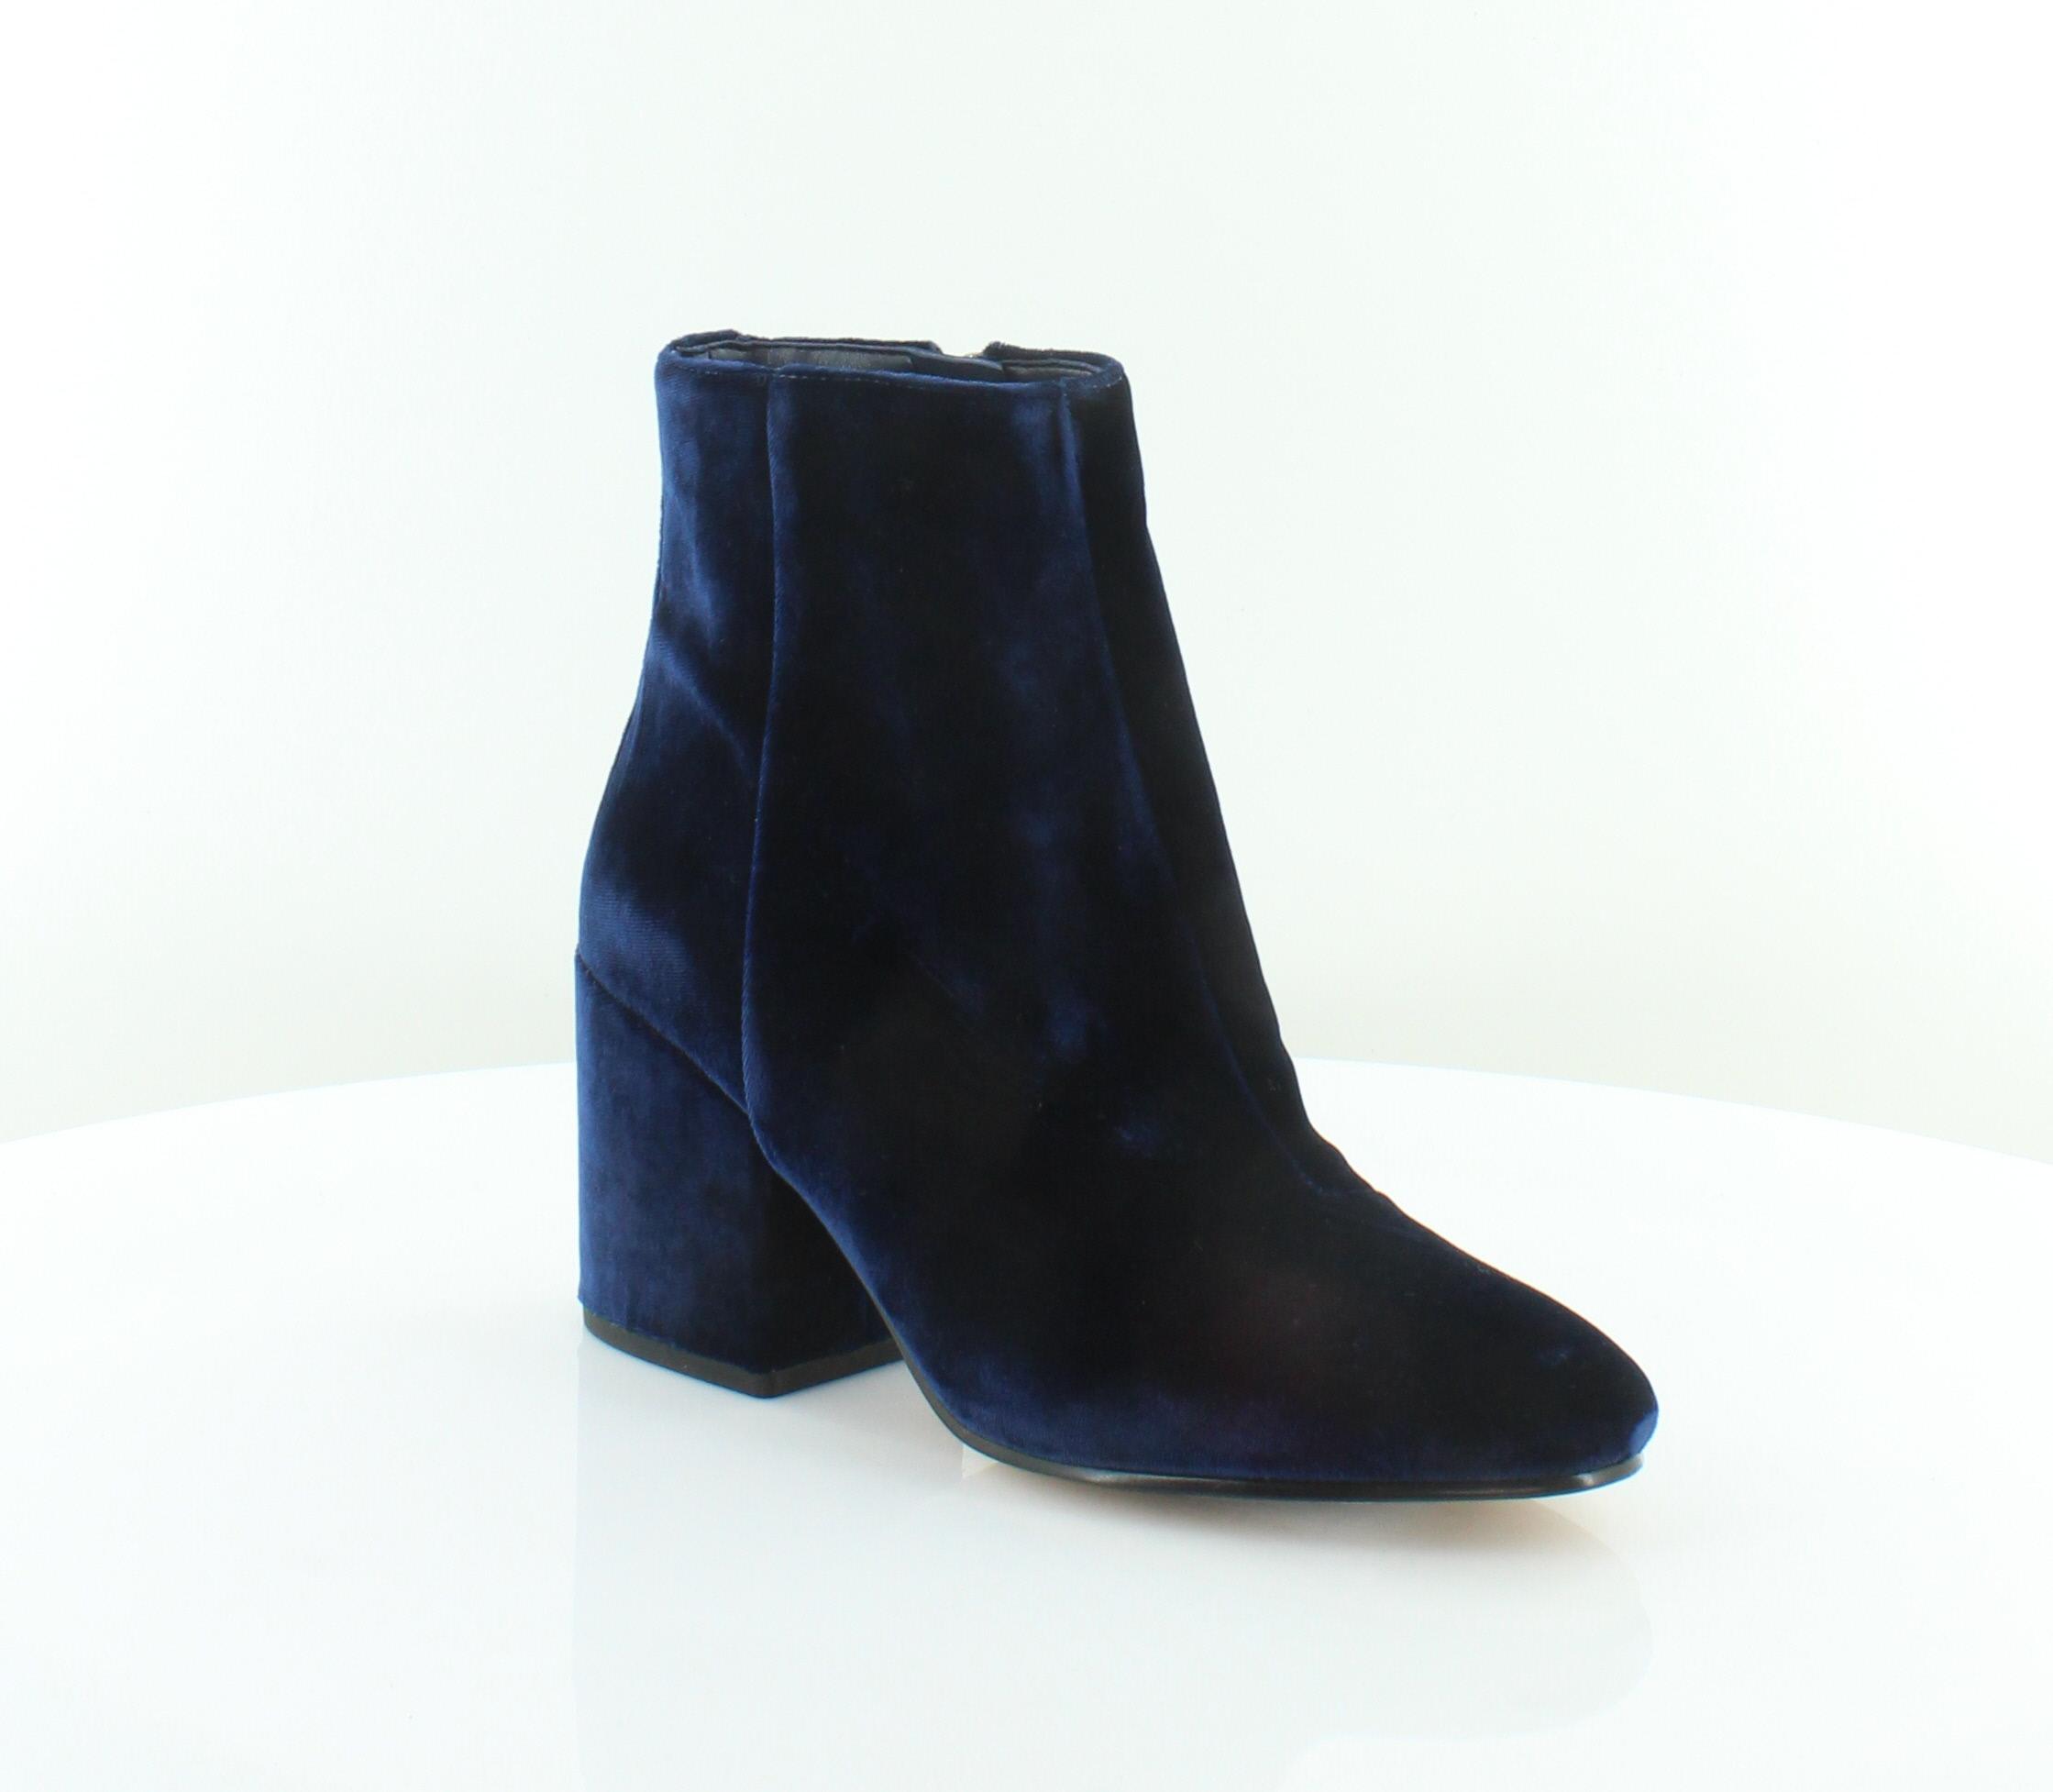 6b9f248b070600 Sam Edelman Taye Blau damen schuhe Größe Größe Größe 6.5 M Stiefel MSRP 160  0dffe8